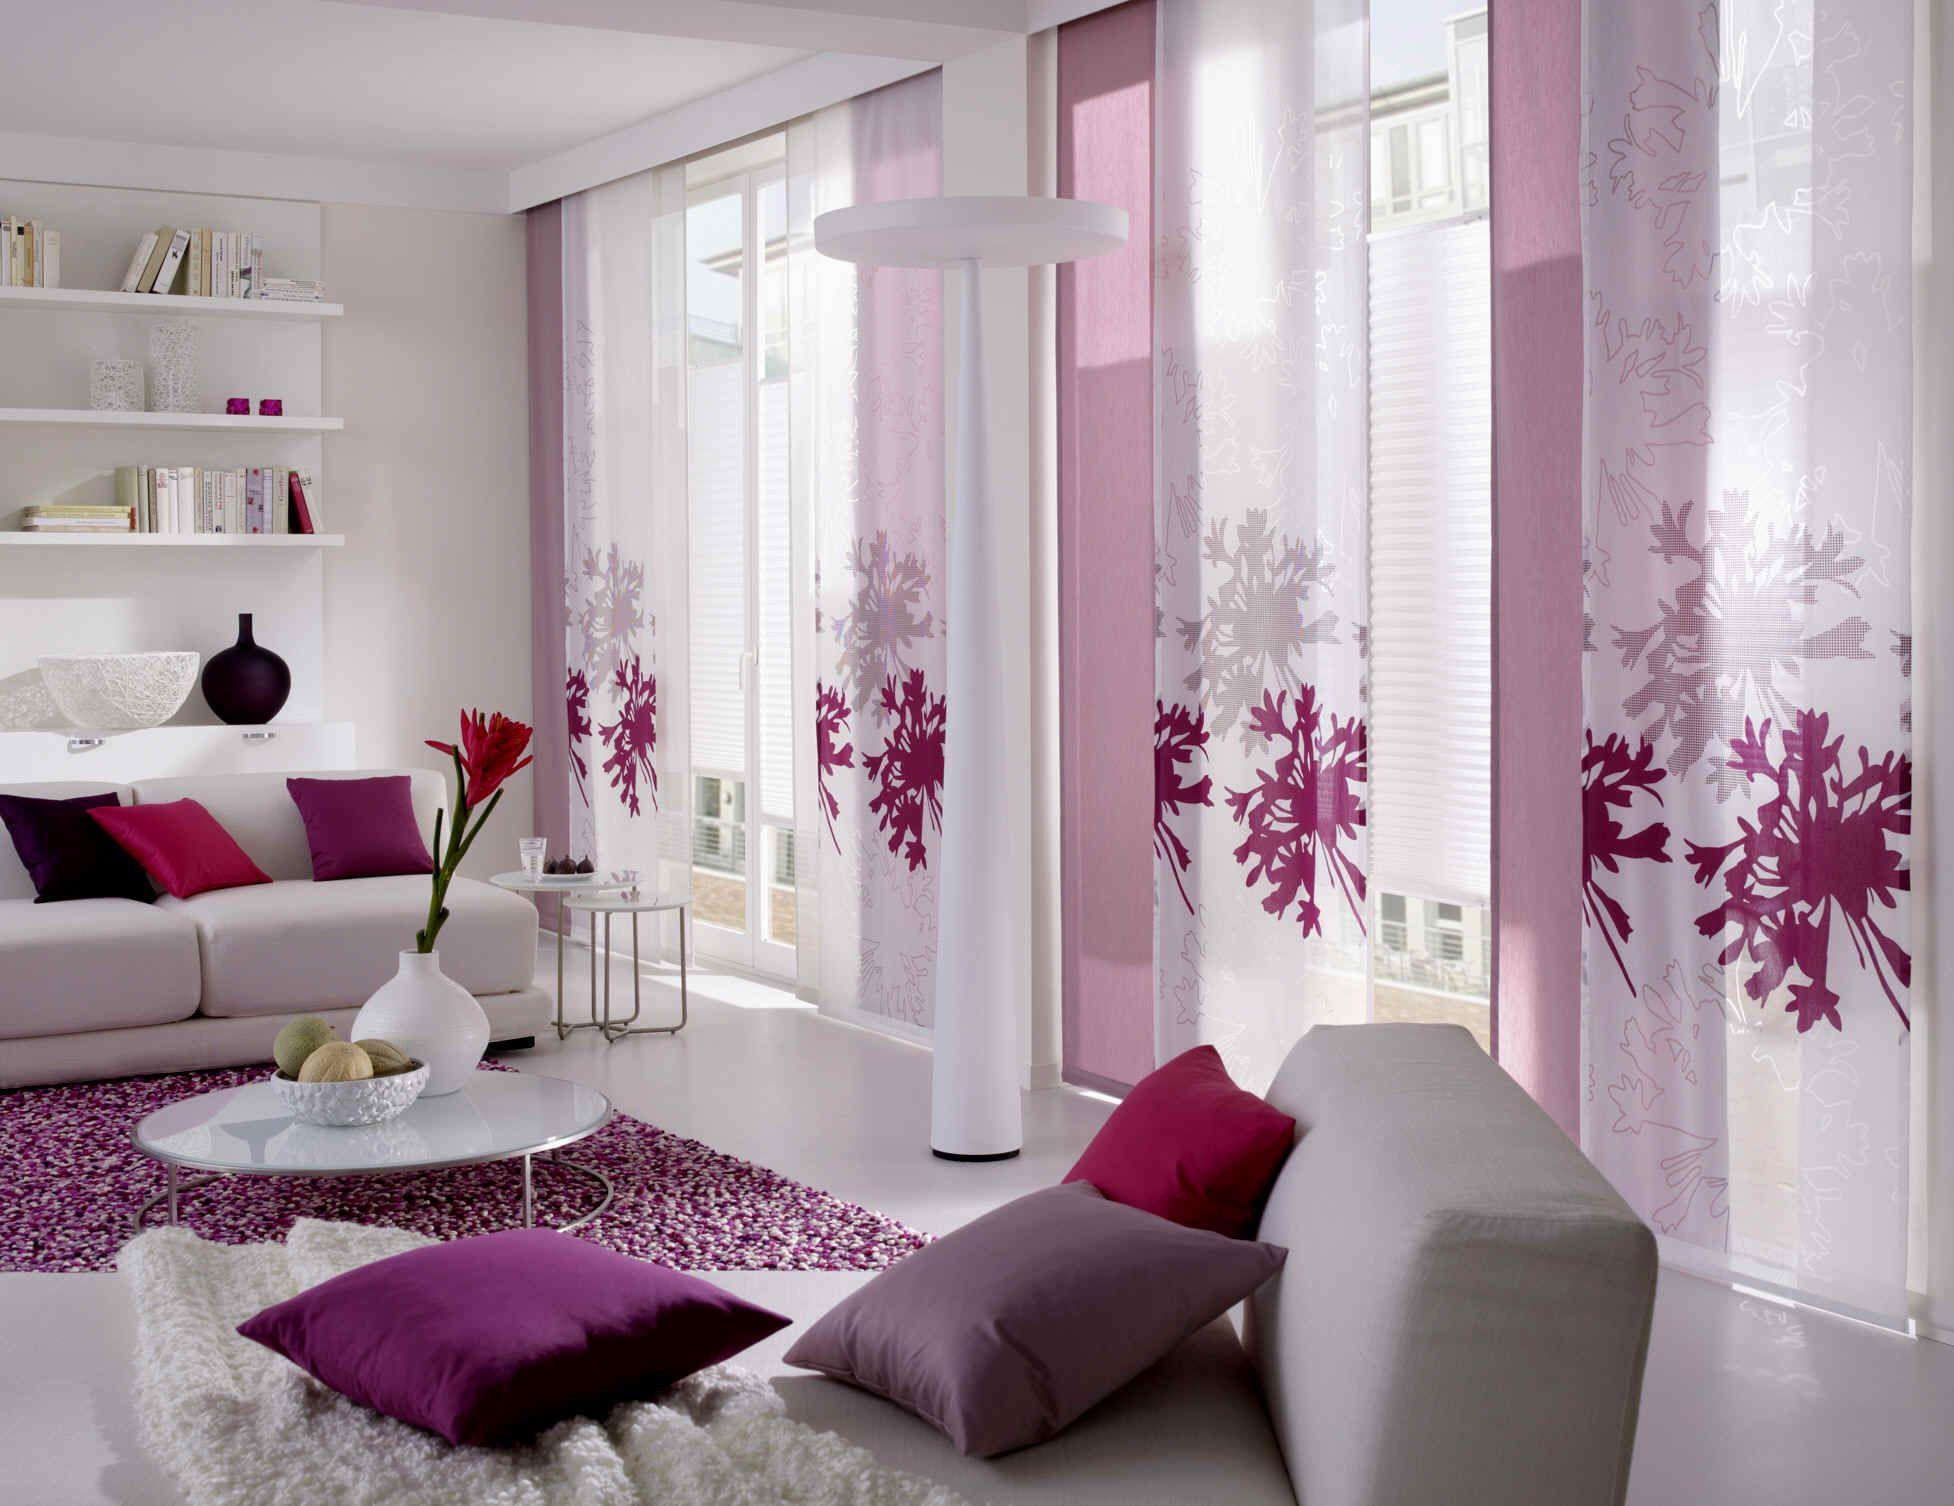 schiebegardinen home interior pinterest gardinen schiebegardine und jalousien. Black Bedroom Furniture Sets. Home Design Ideas